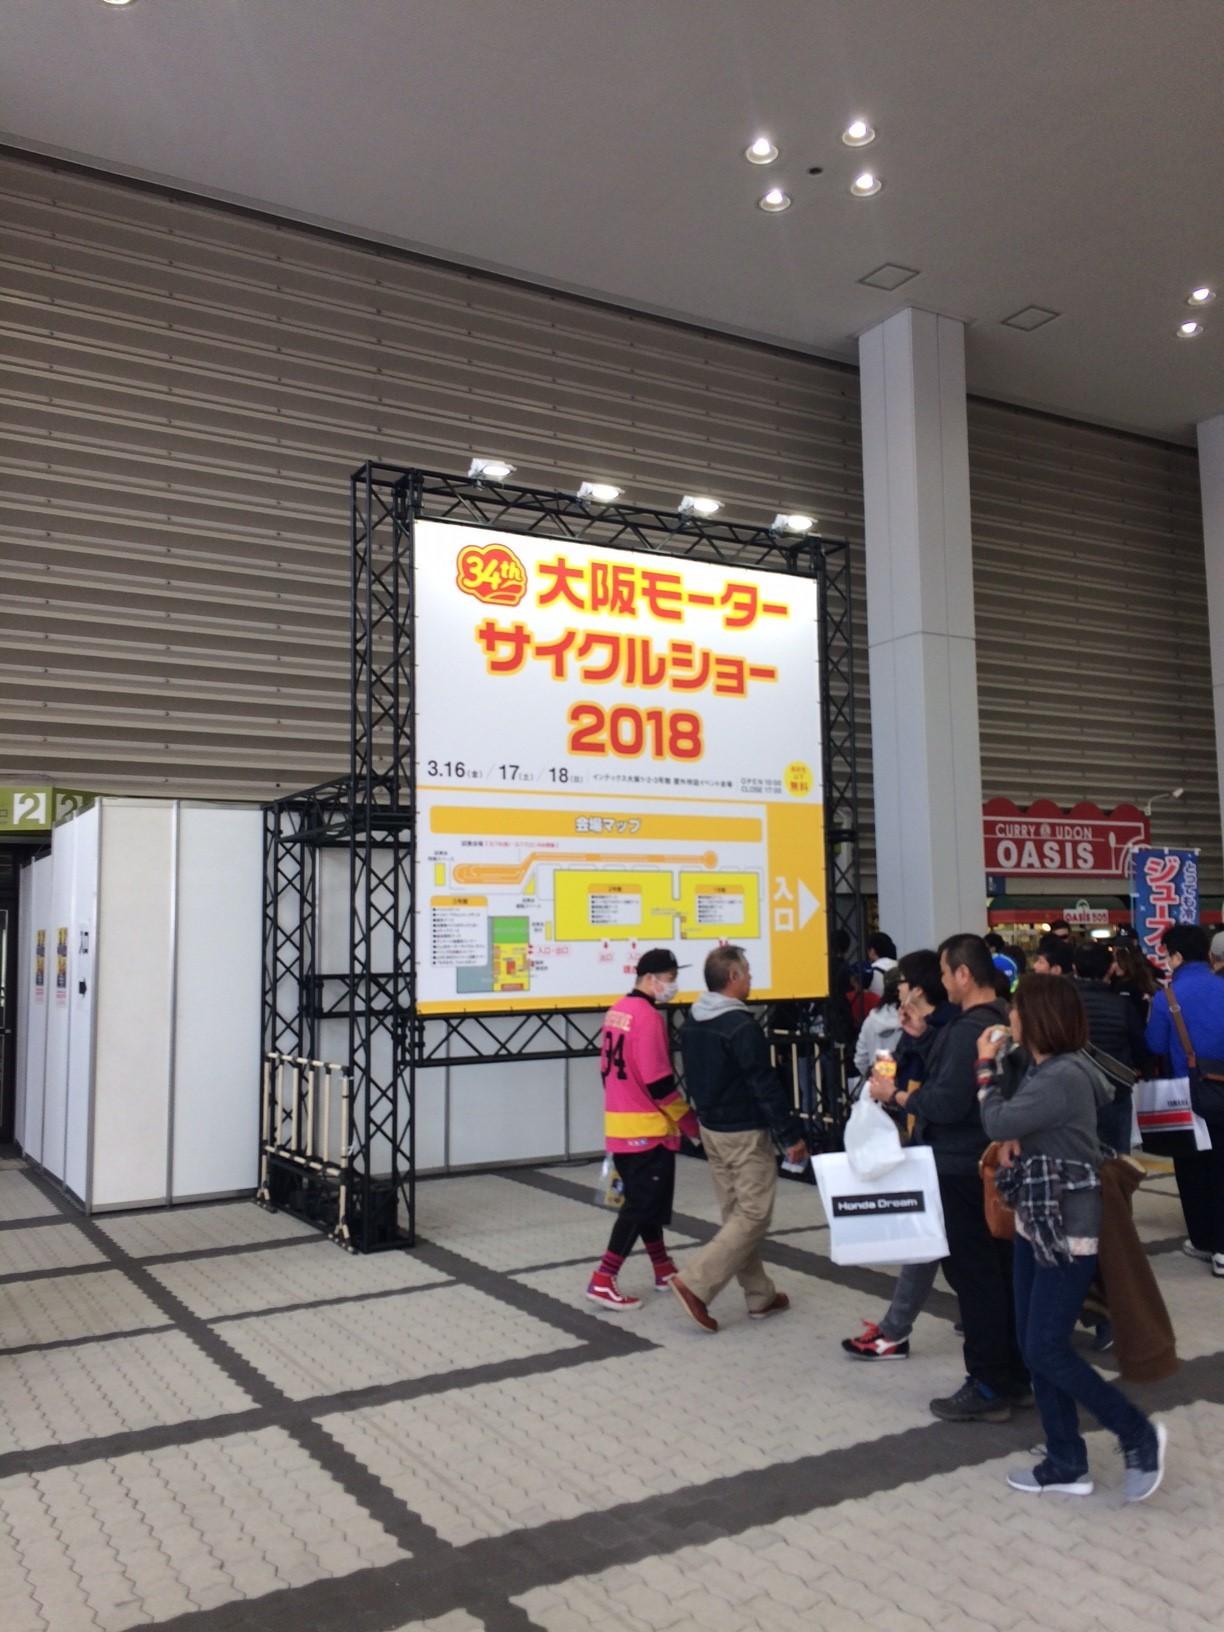 大阪モーターサイクルショーへ行くきね③_e0101917_20301258.jpg